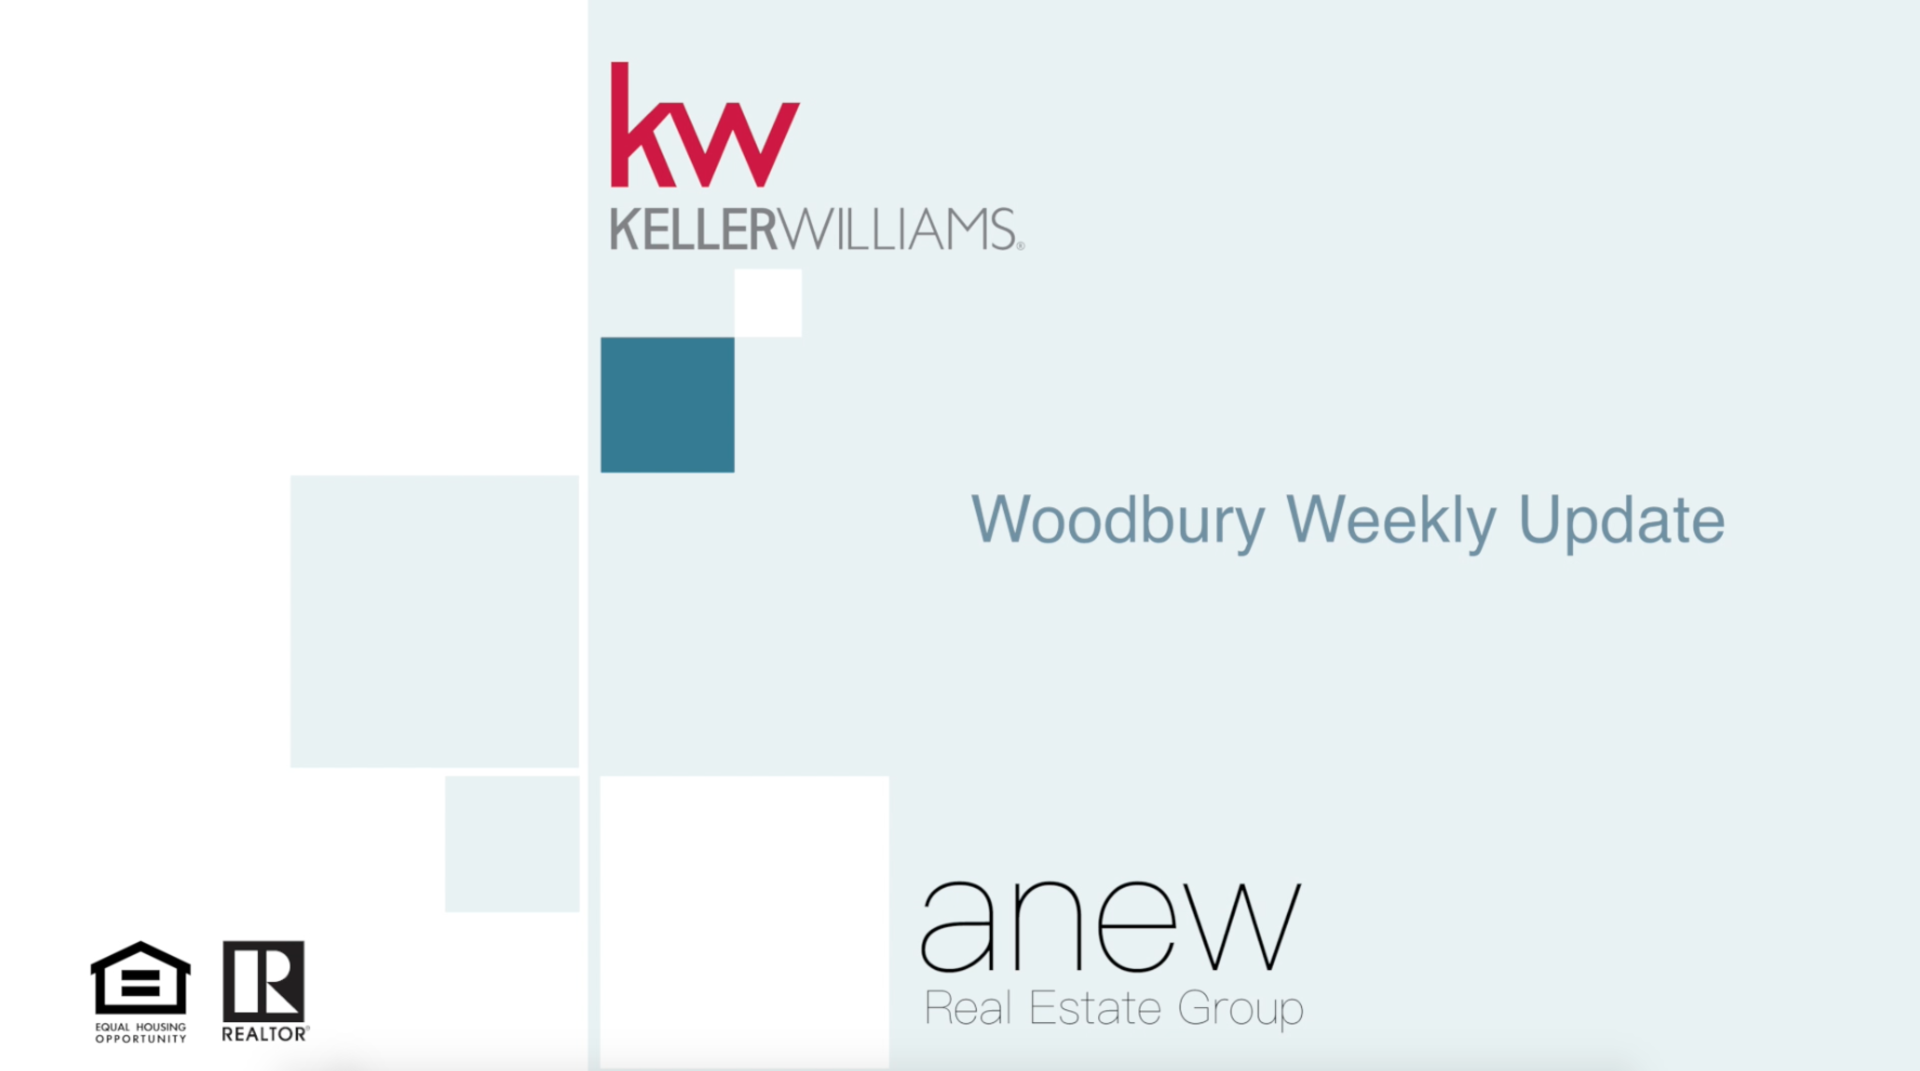 Woodbury Weekly Update: August 27th